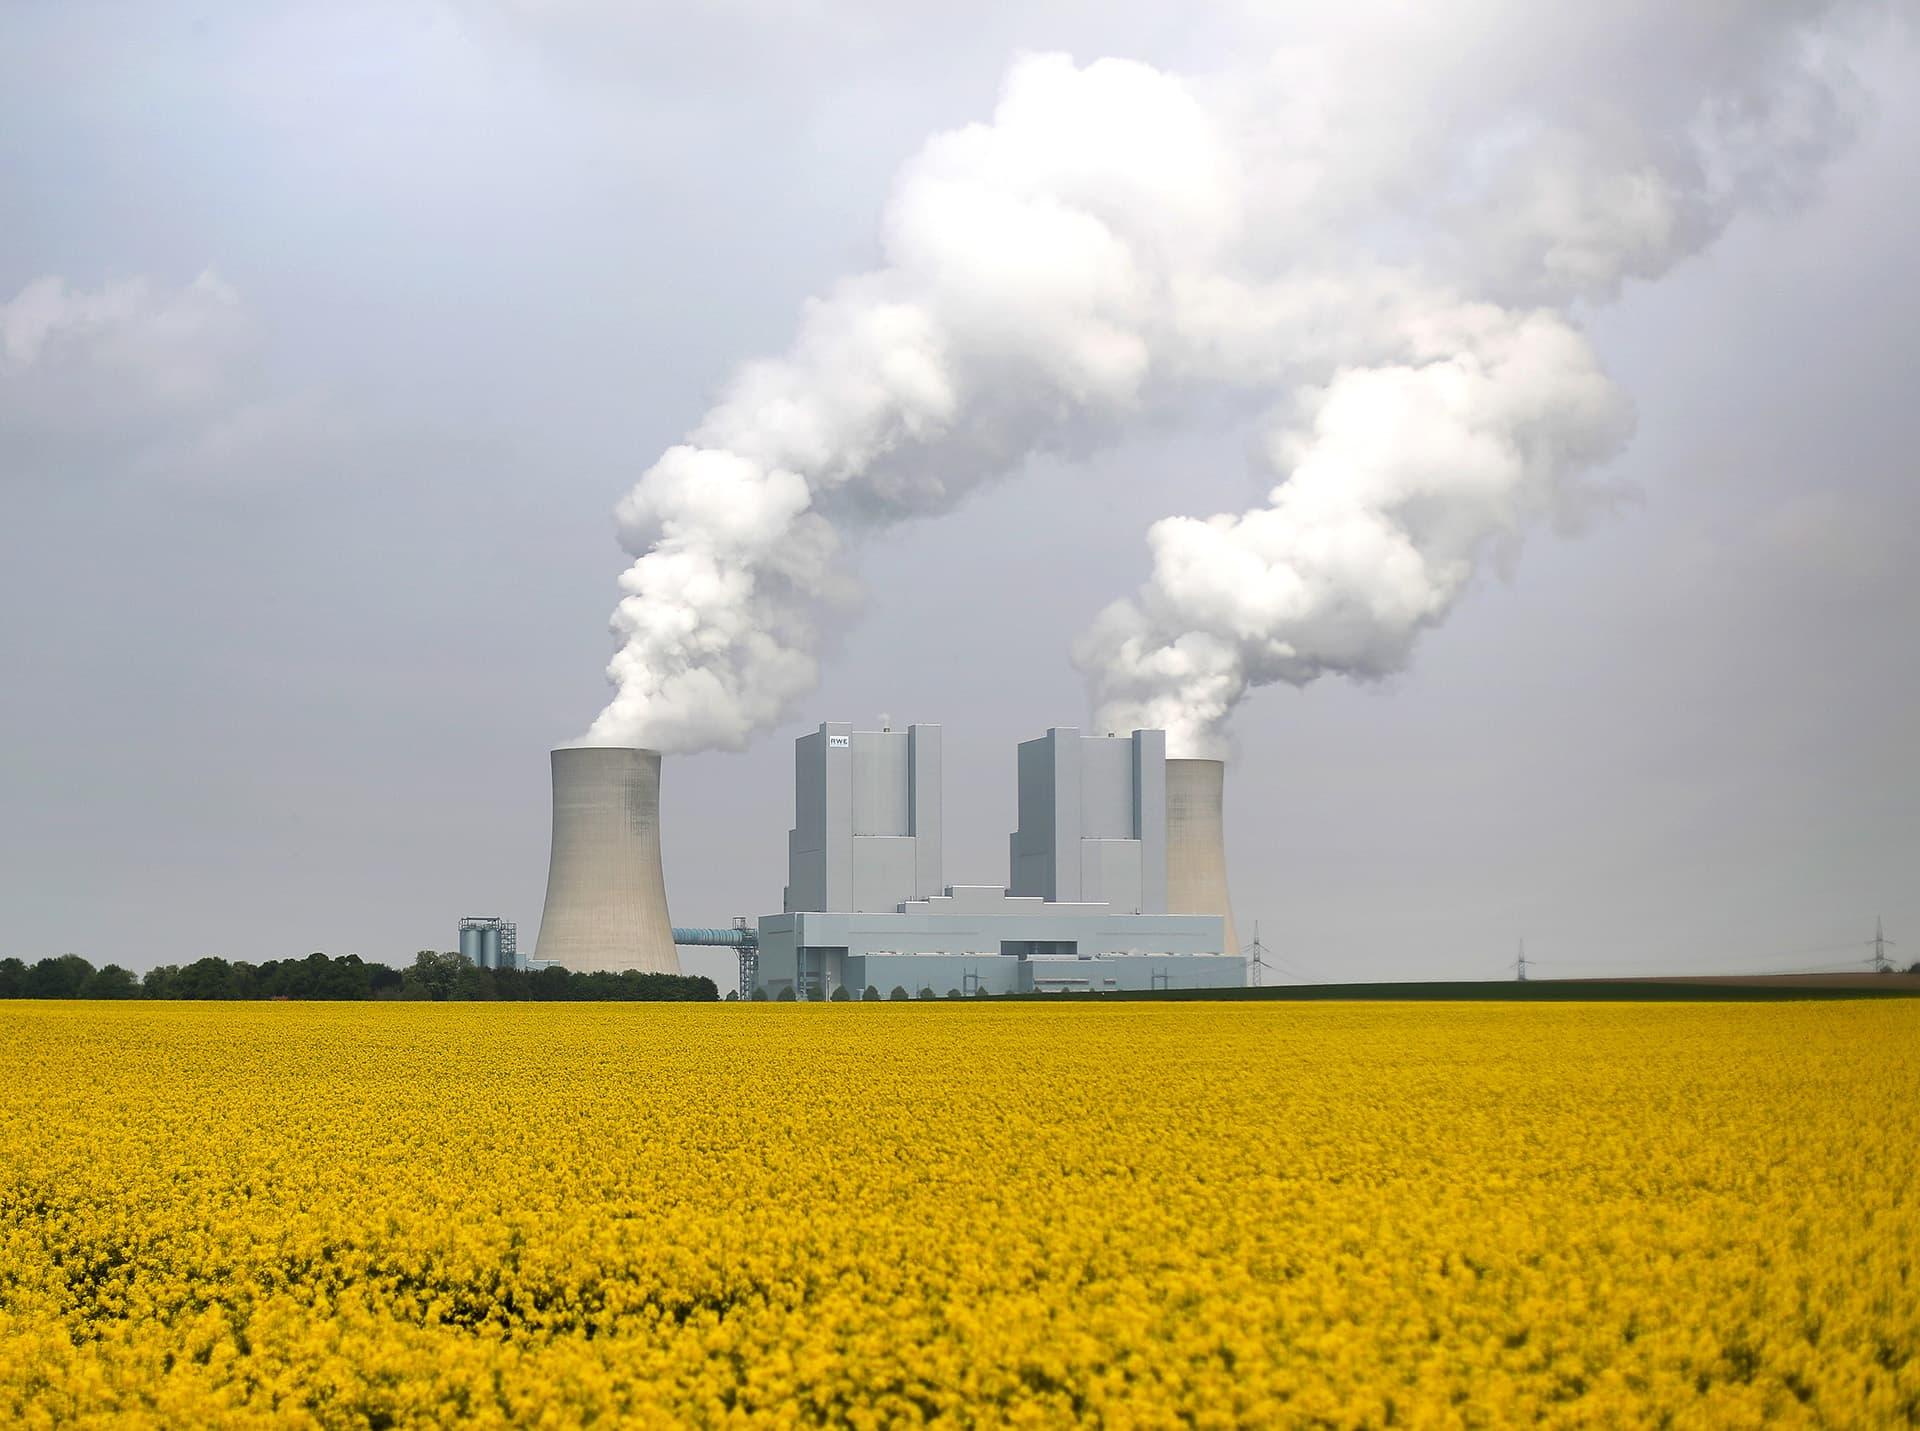 Höyryä tulee jäähdytyspiipuista hiilivoimalasta.